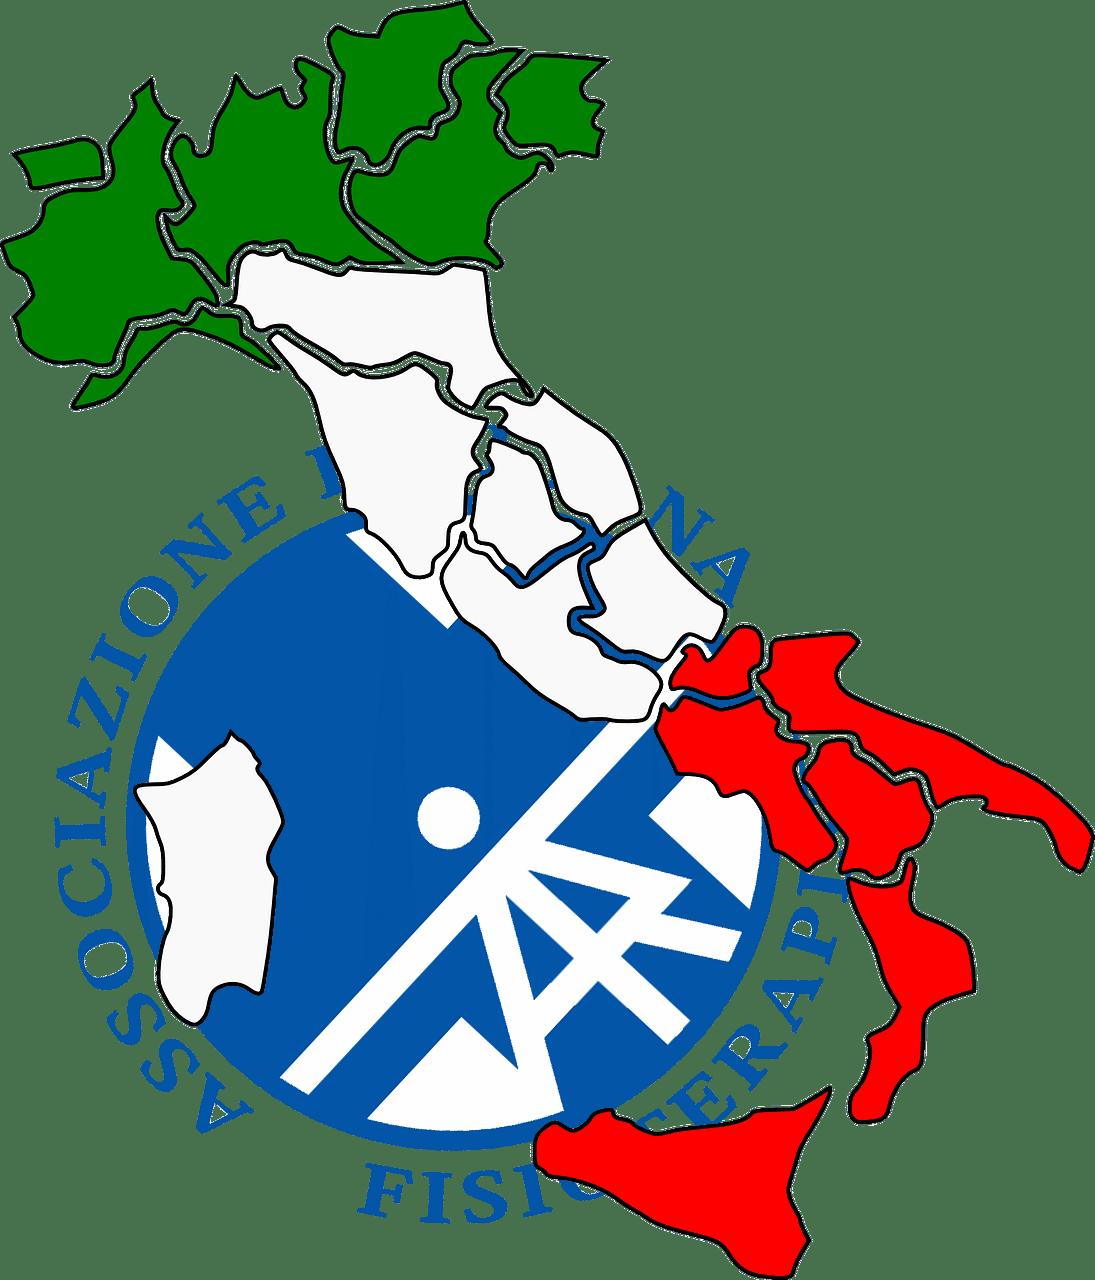 logo aifi mappa italia